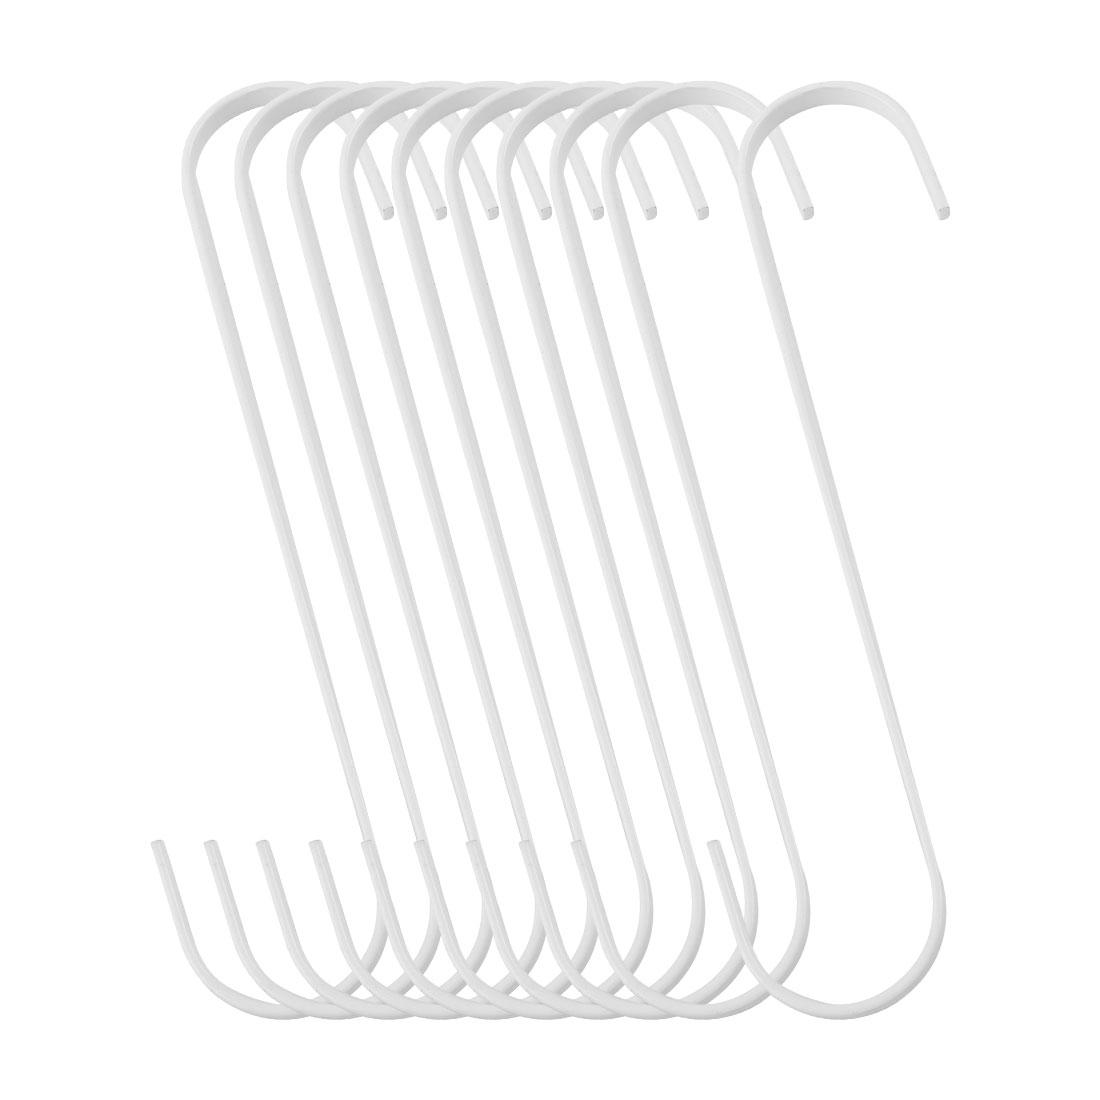 10pcs S Shape Hook Rack Stainless Steel for Pot Utensils Coat Towel Holder White